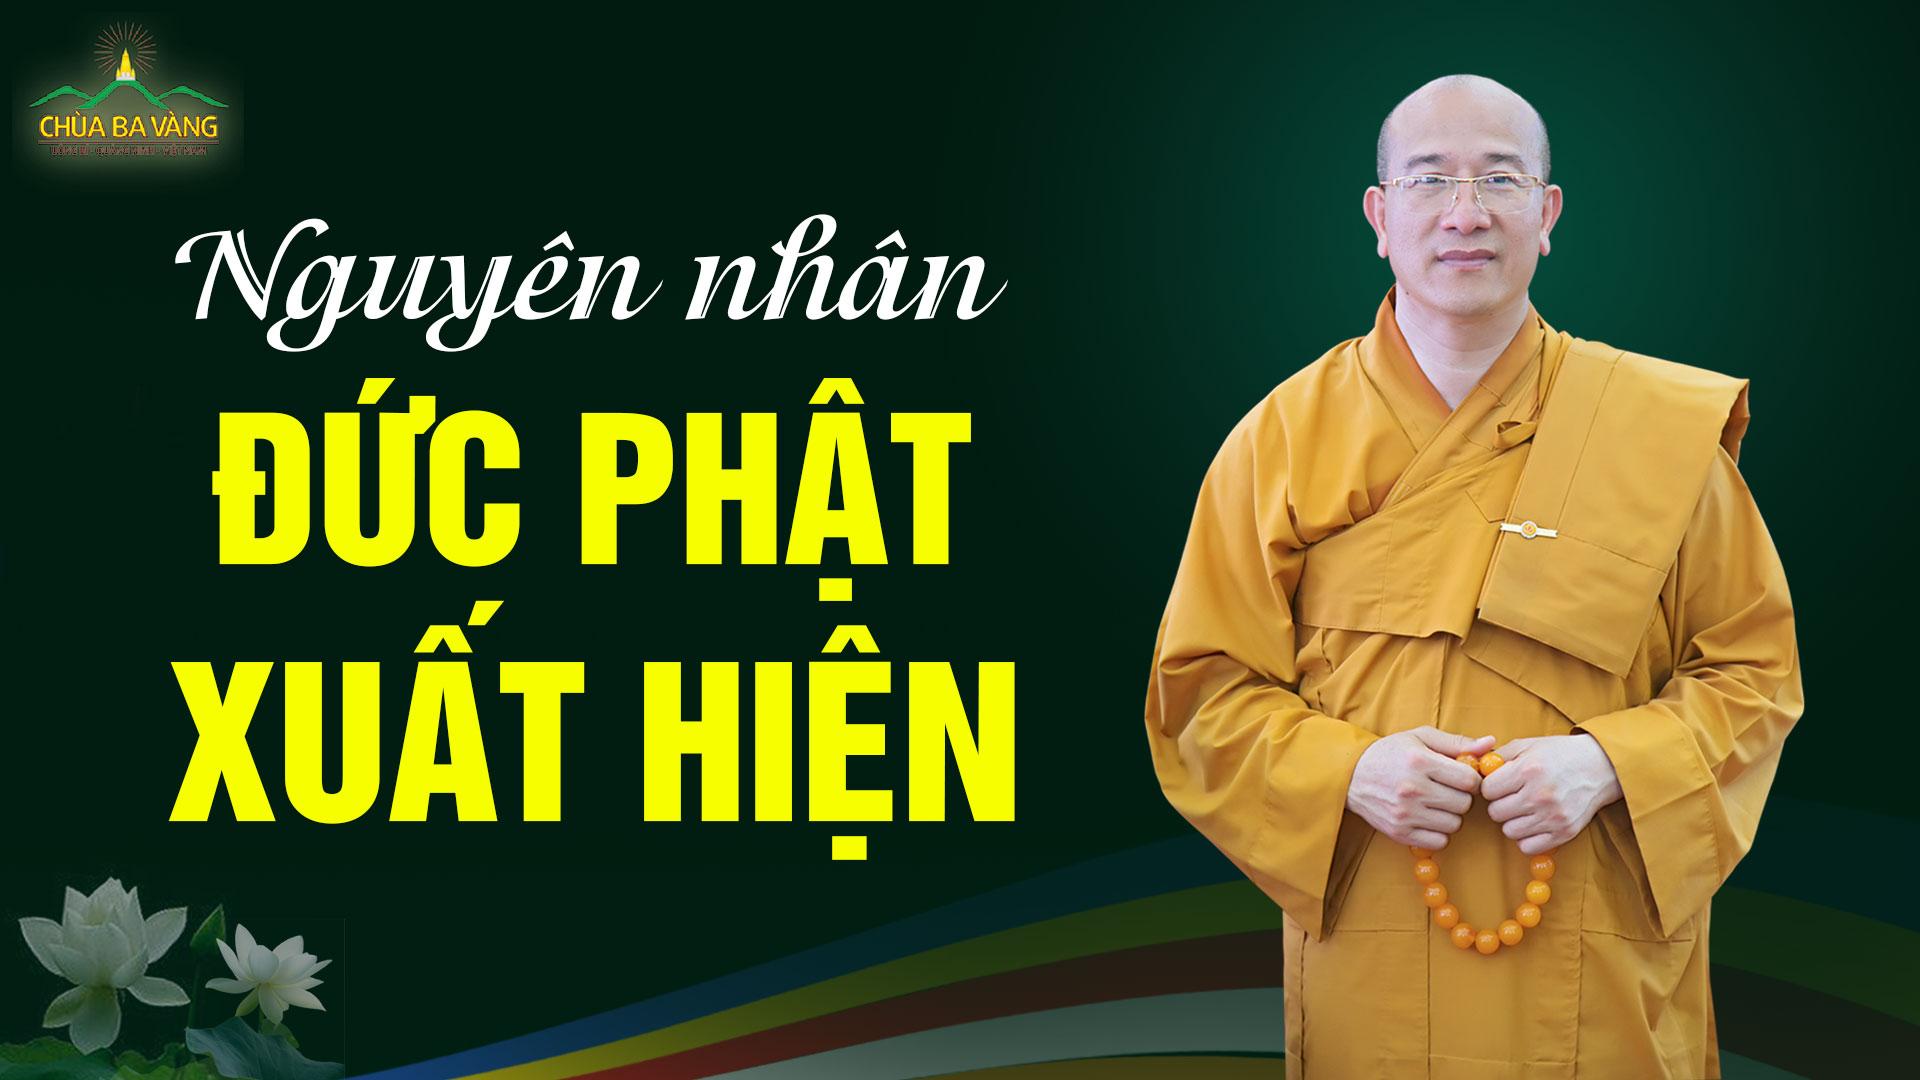 Đức Phật xuất hiện trên thế gian vì lý do gì?